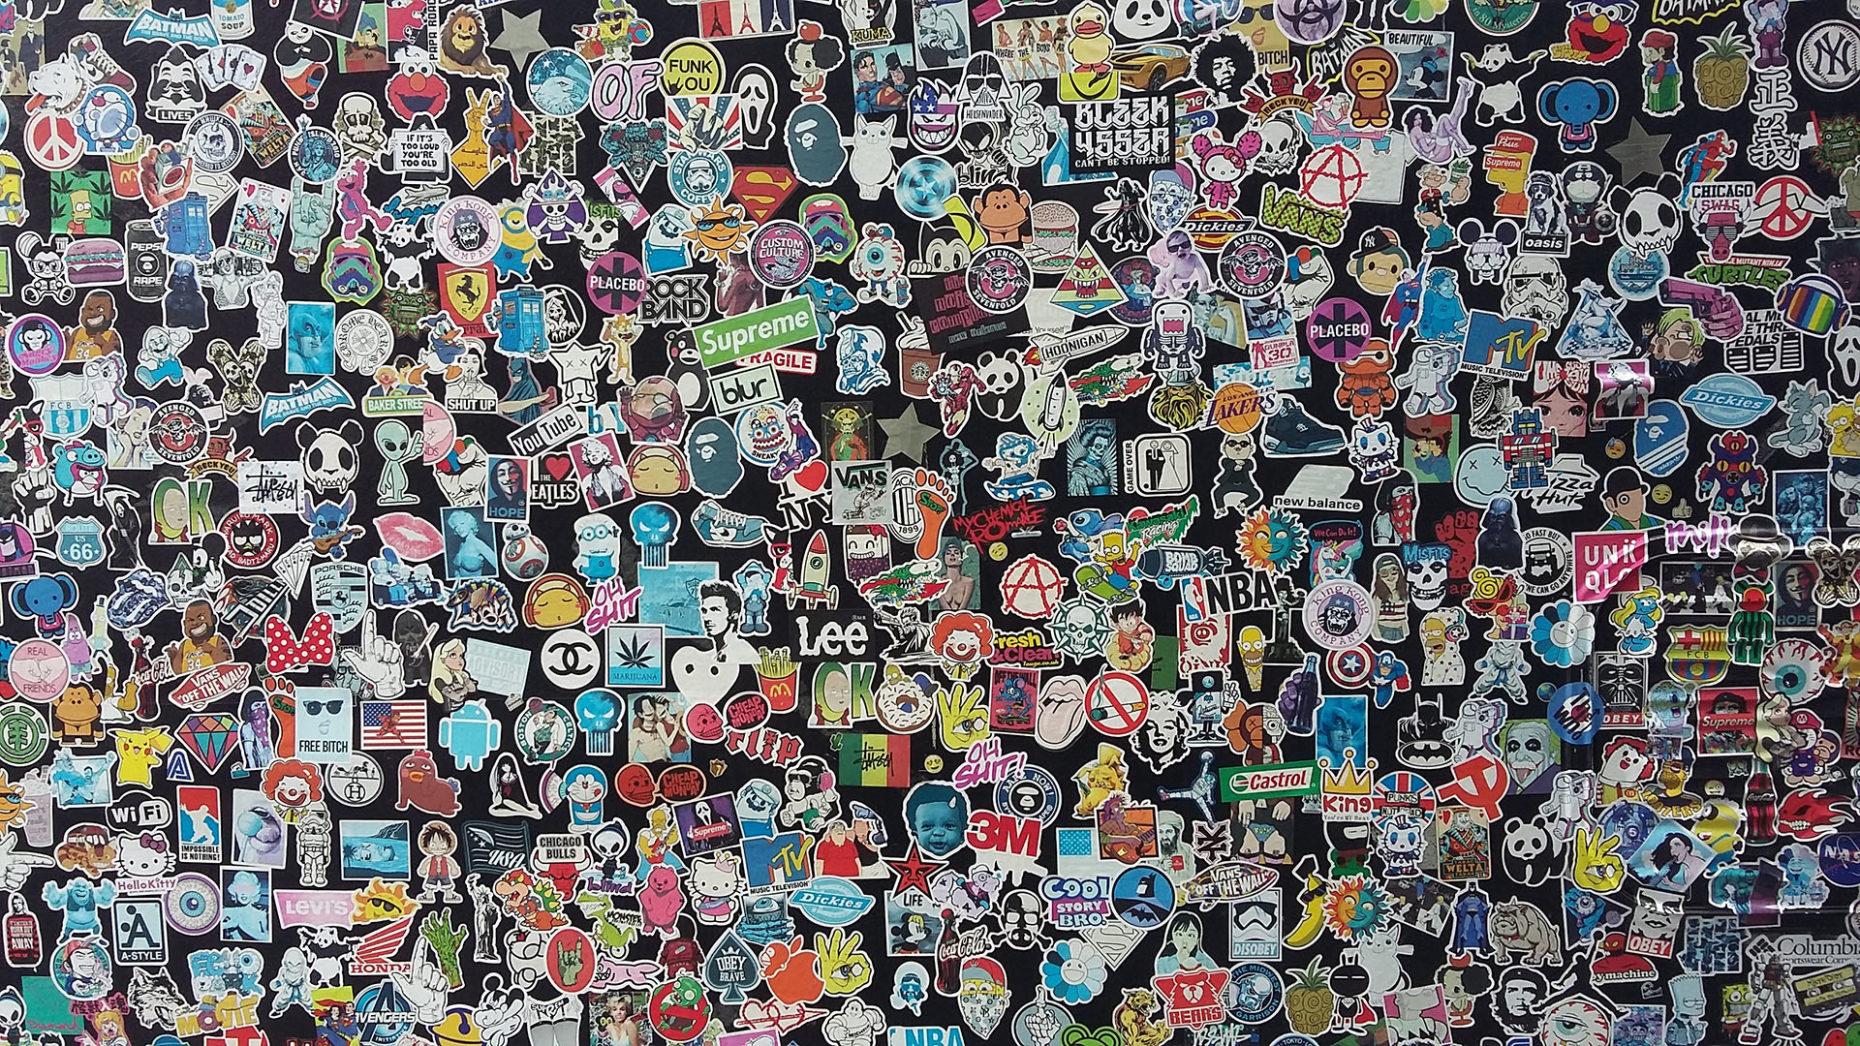 Download Sticker Bomb Wallpaper 1920x1080